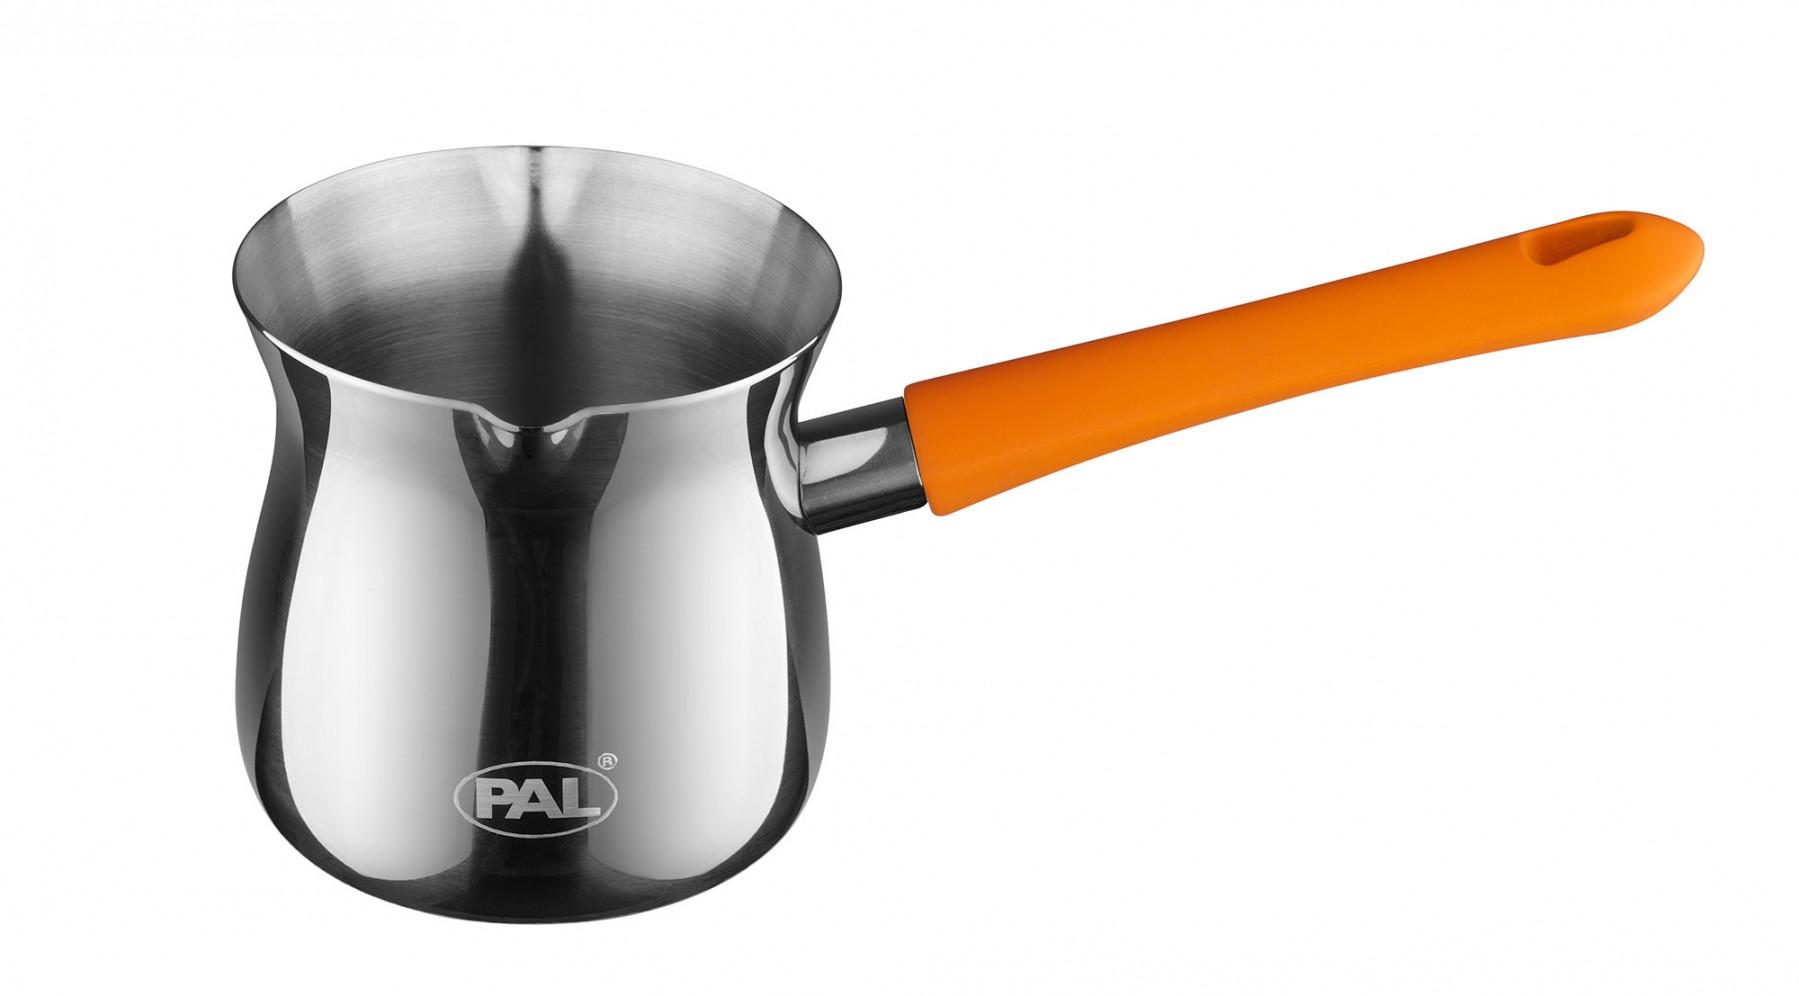 Μπρίκι Ανoξείδωτο PAL Titanium 18/8 No9 380ml PAL Colors 50000507 Πορτοκαλί